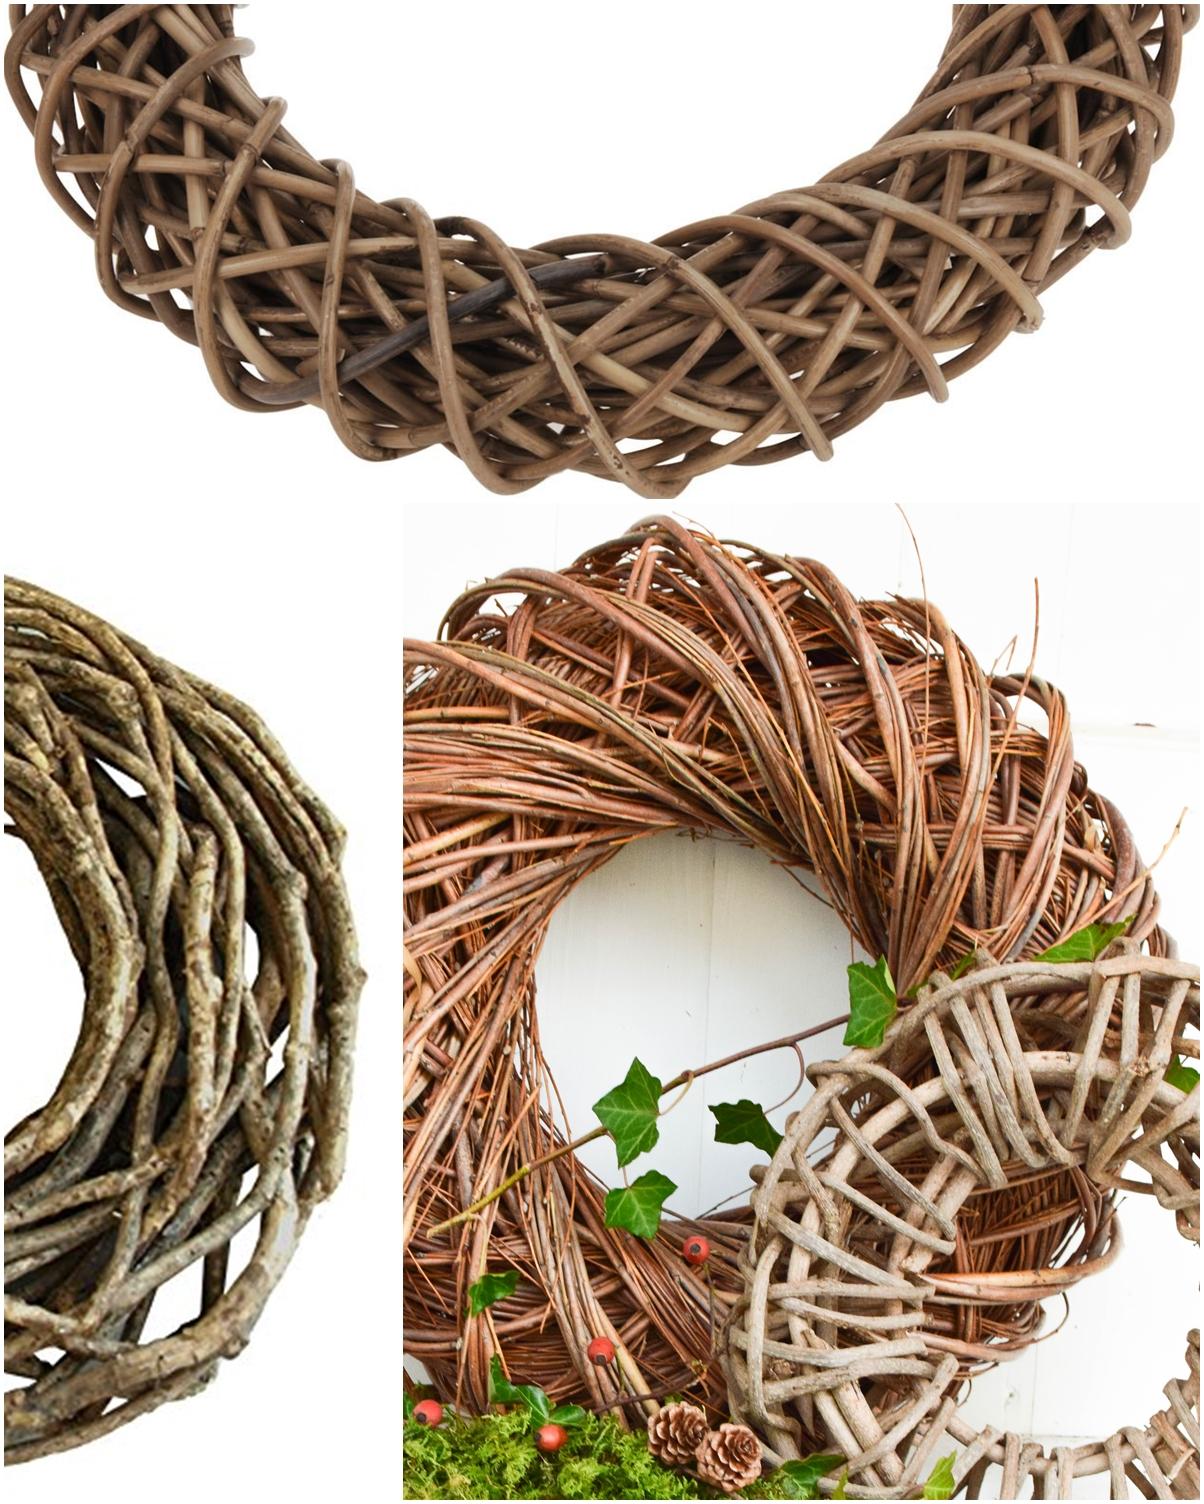 Holzkranz dekorieren Deko. Kranz aus Holz finden: Tipps und Ratgeber für schöne Naturdeko Ideen. Deko mit Natur Naturmaterialien